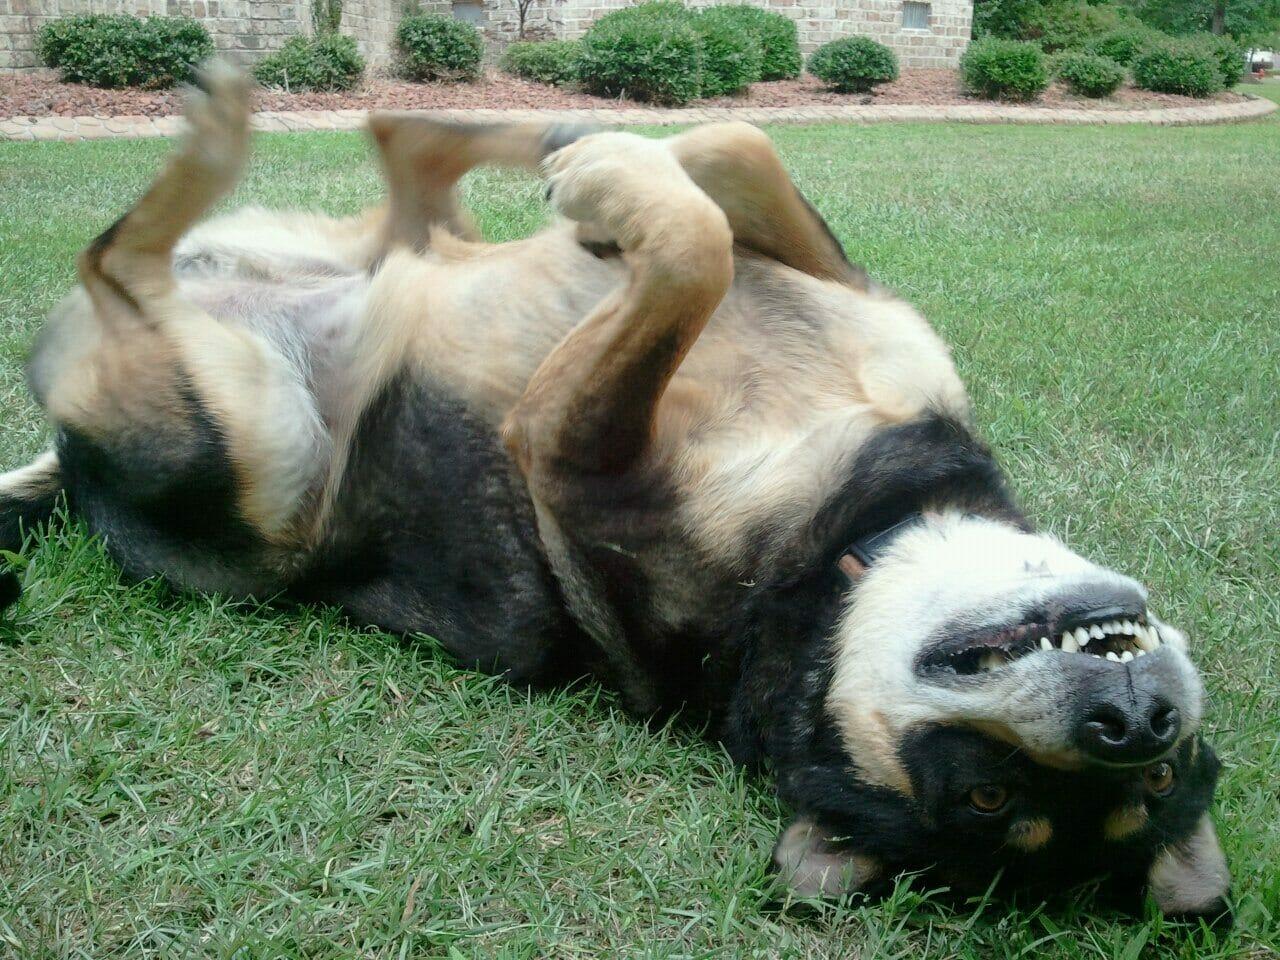 Adopcja psa leży w trawie